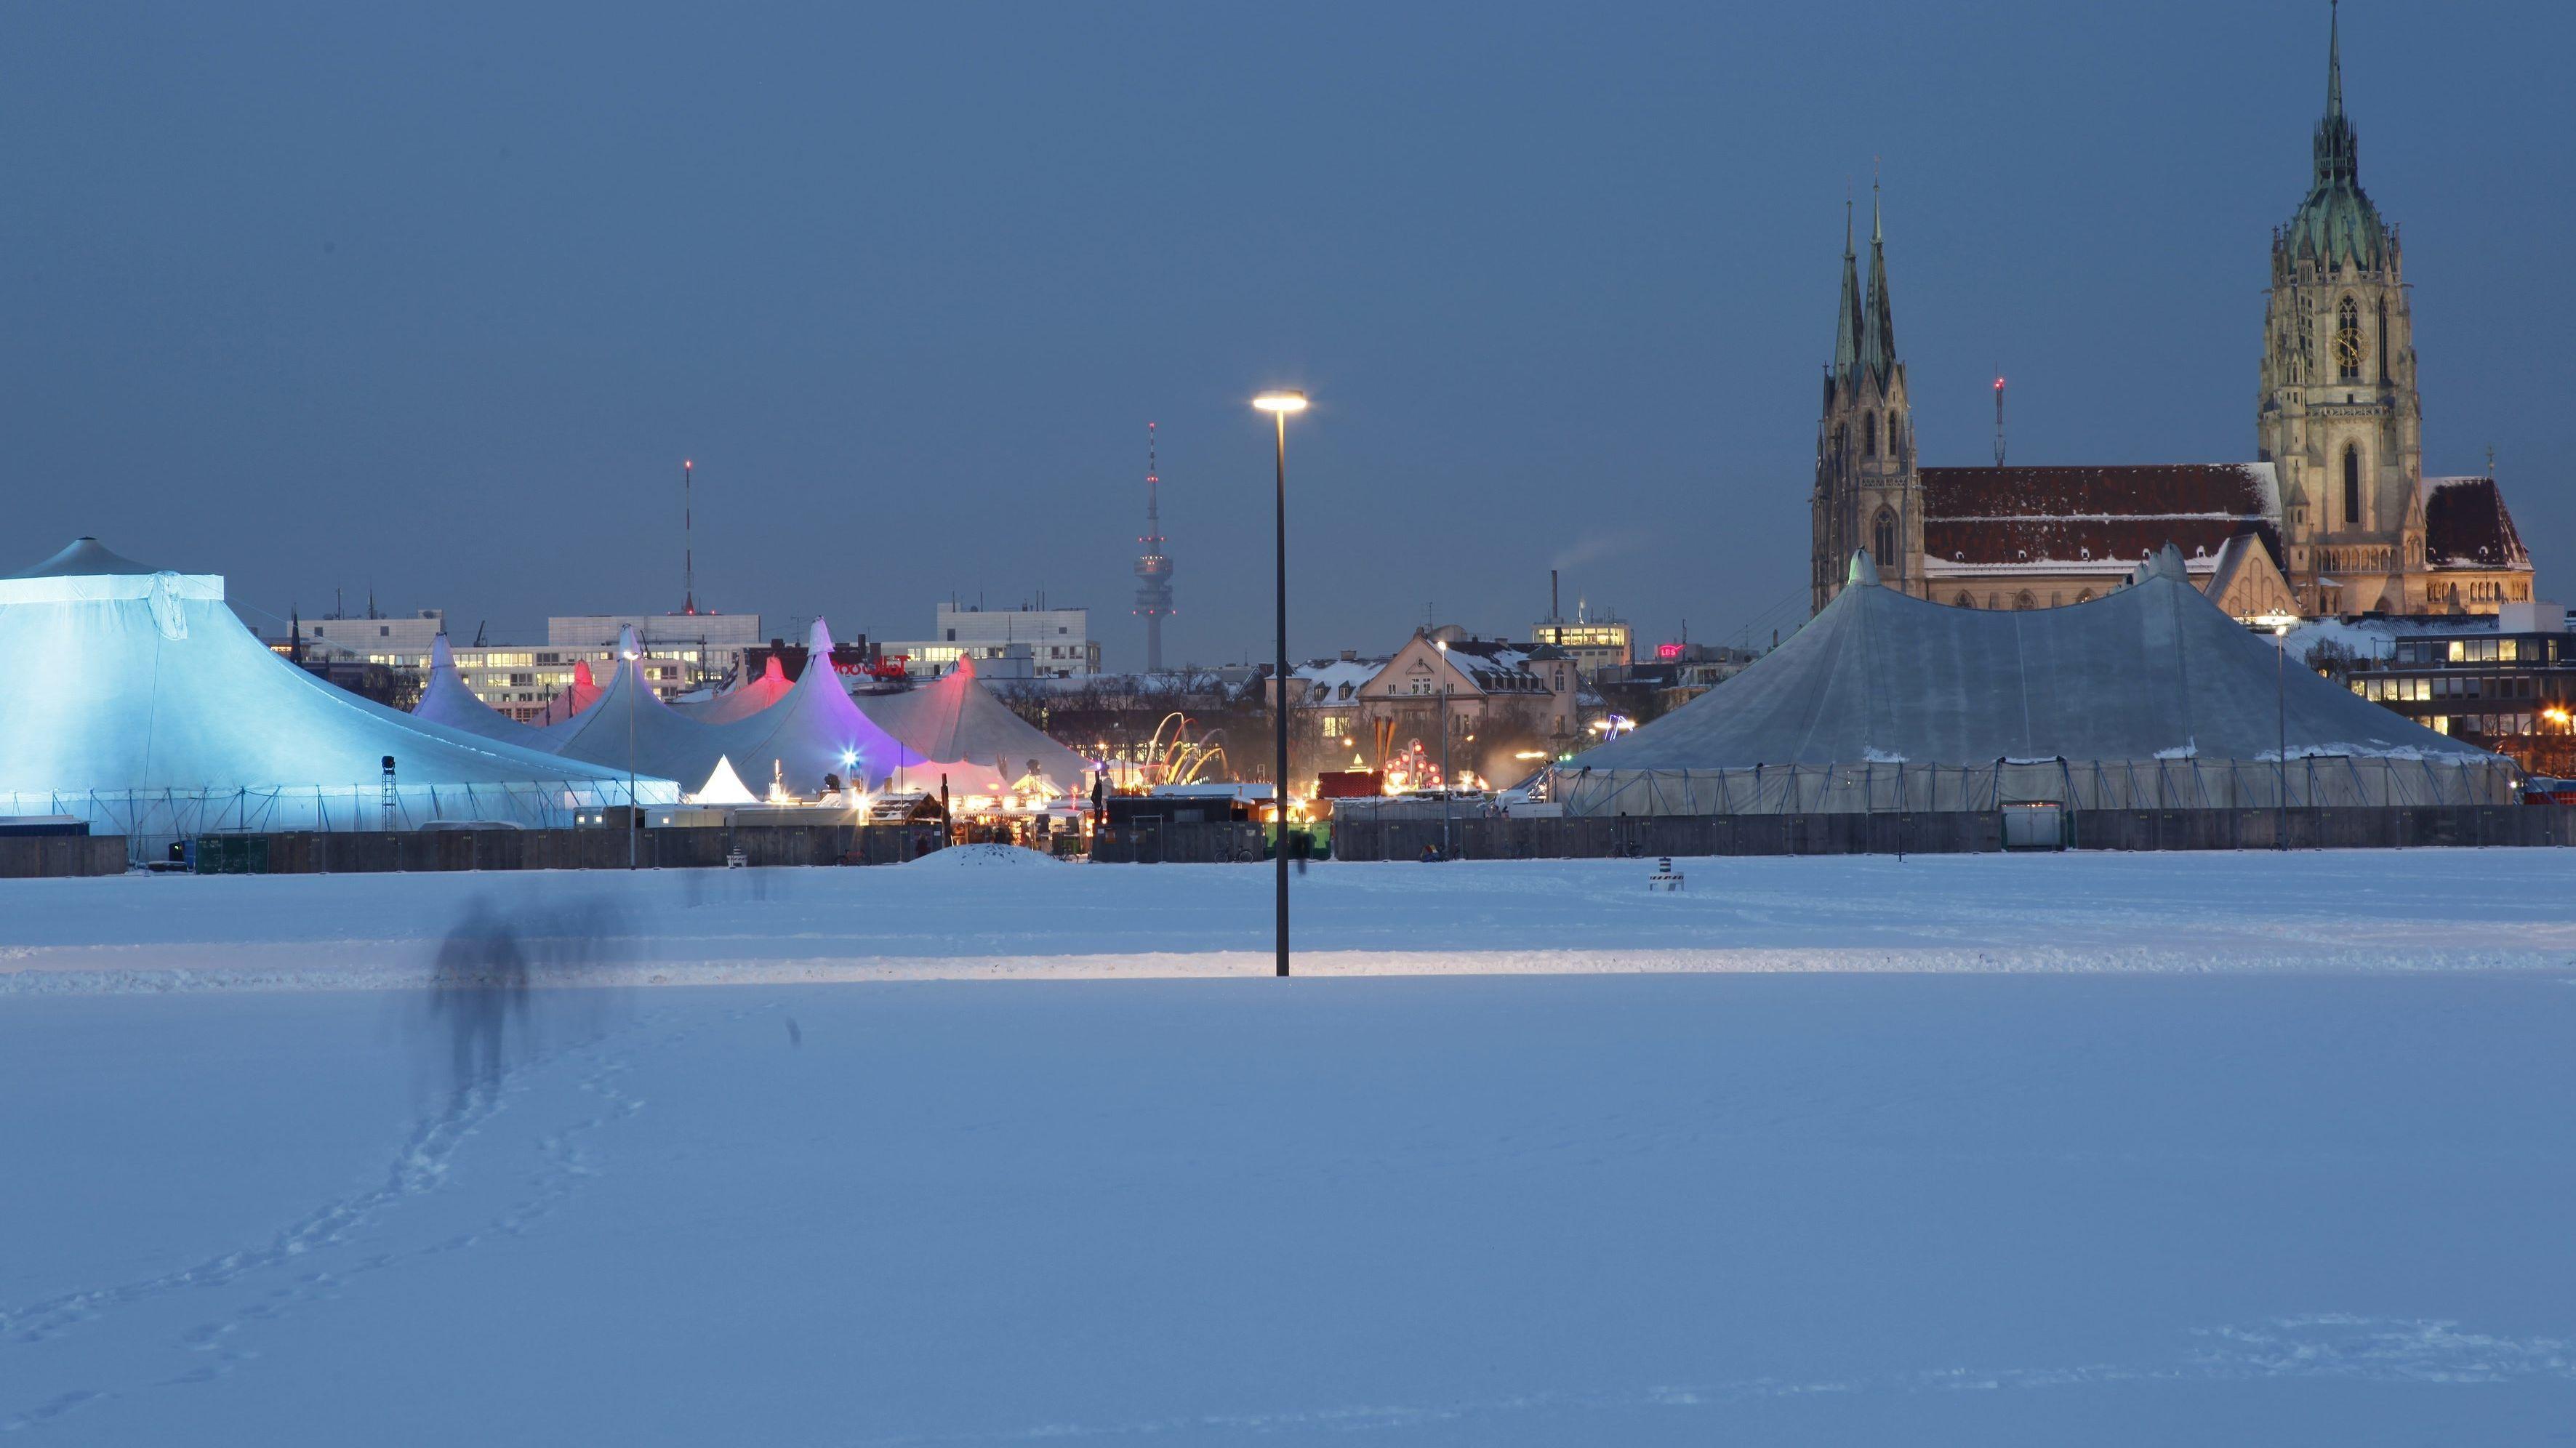 Die Münchner Theresienwiese im Winter